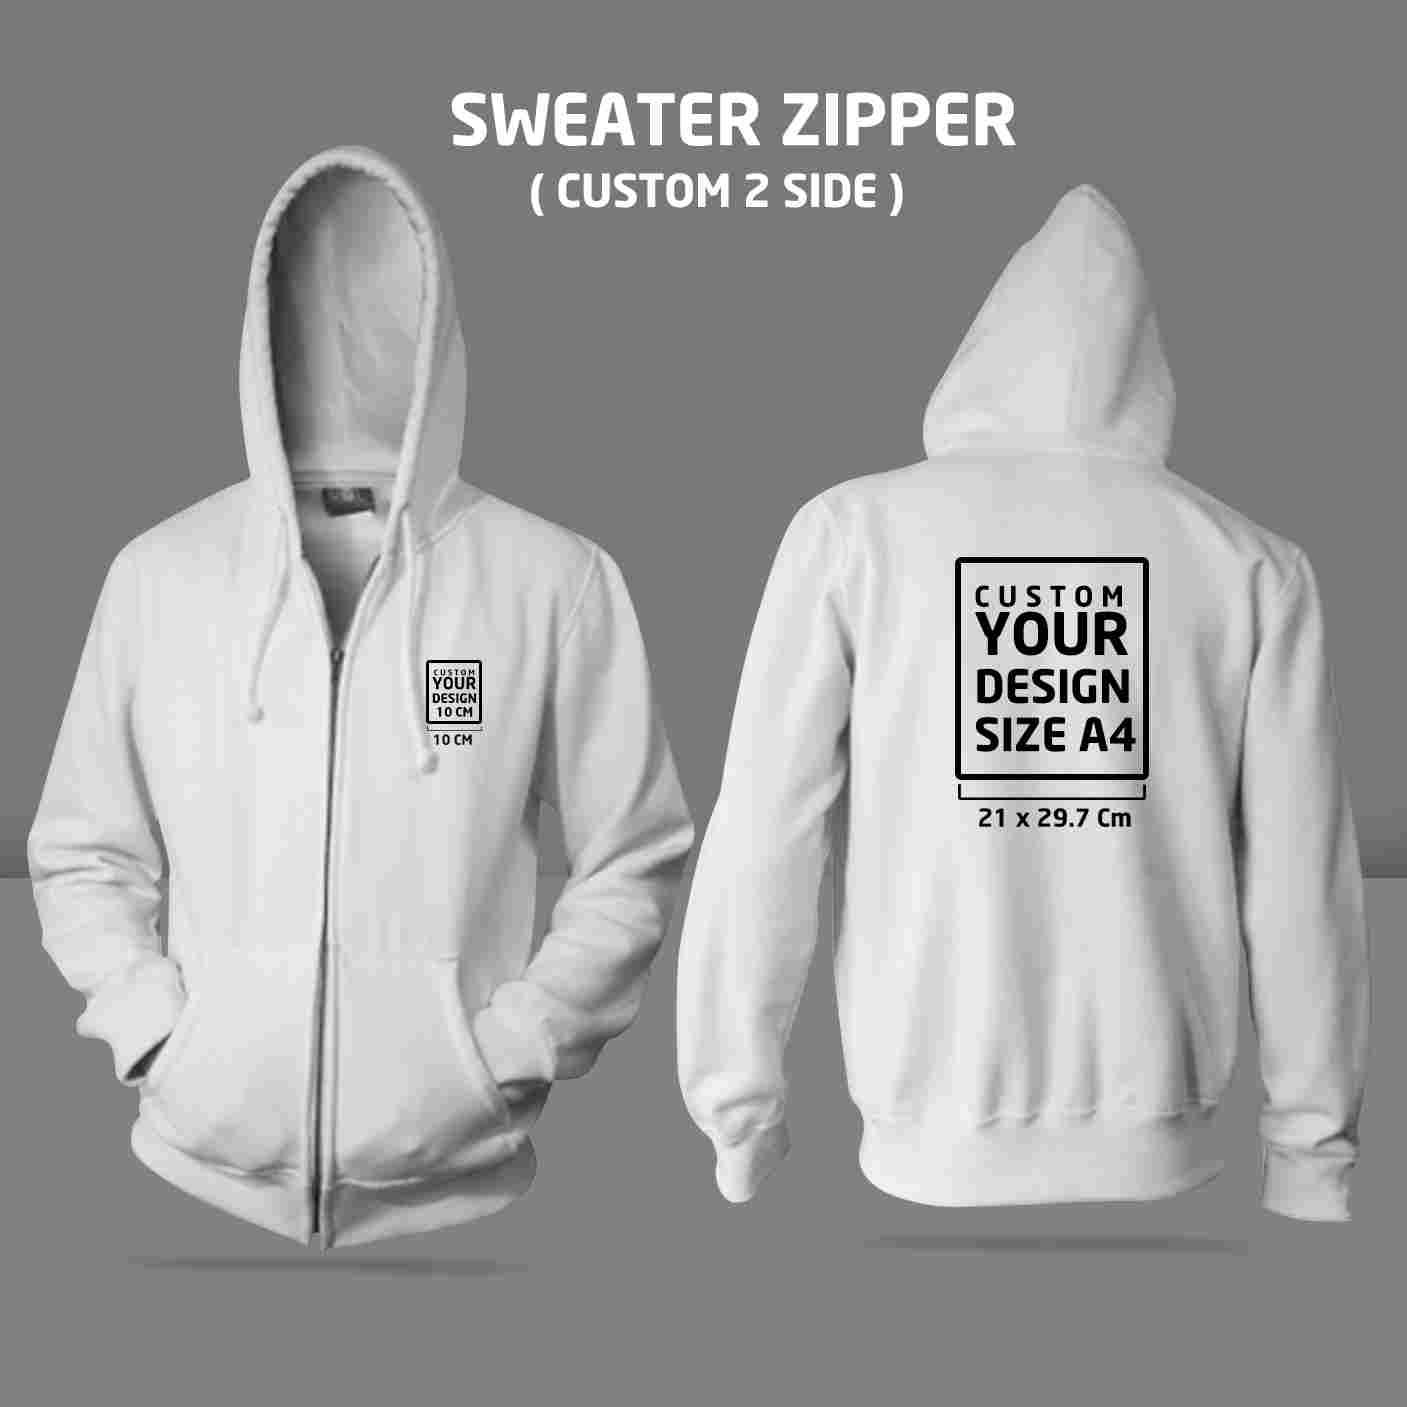 Sweater Zipper Custom 2 Side ( M, L )